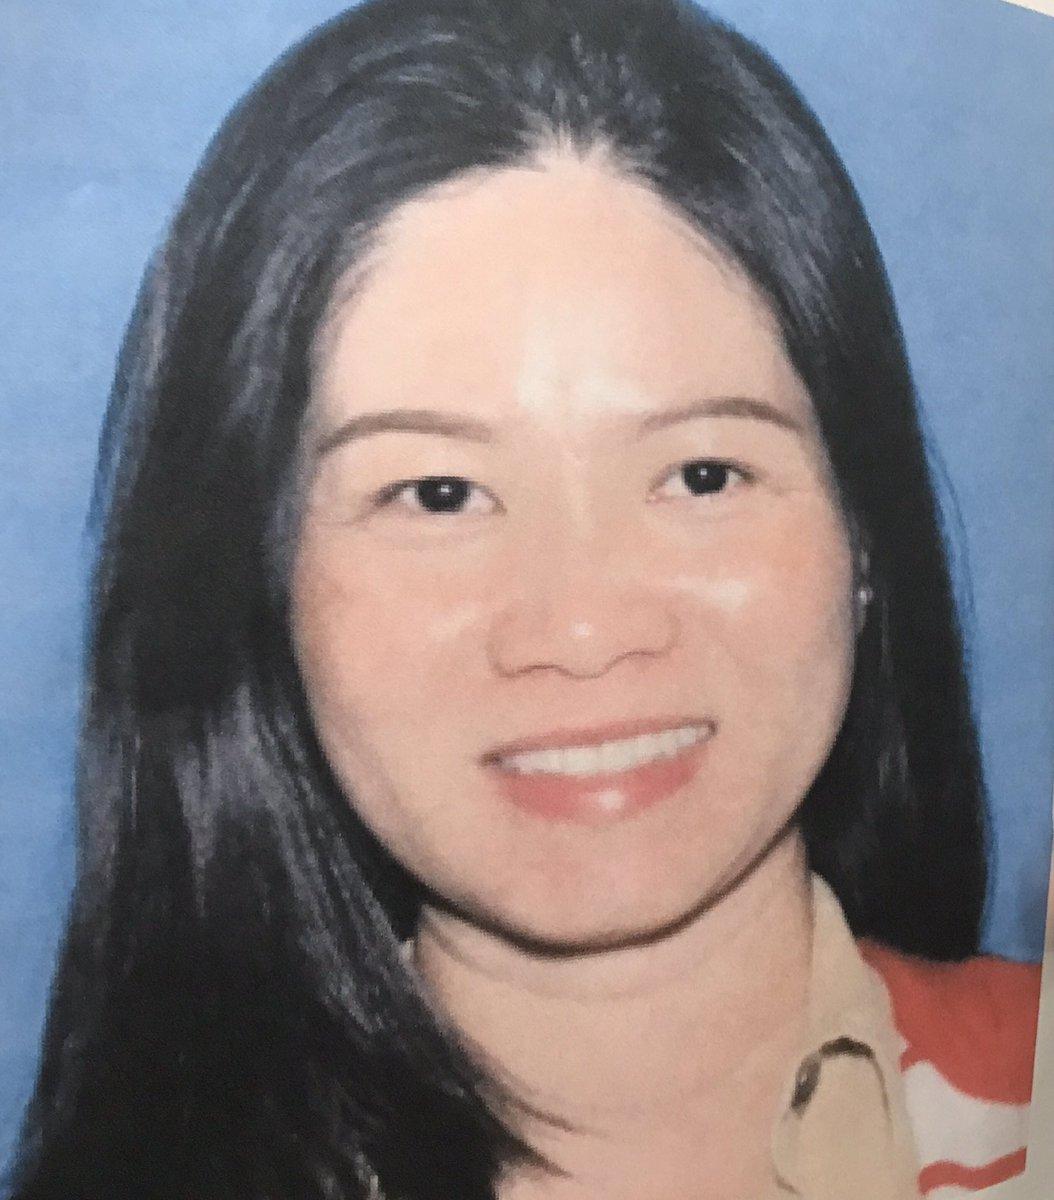 Bà mẹ gốc Việt bị bắn chết trên đường ở Texas